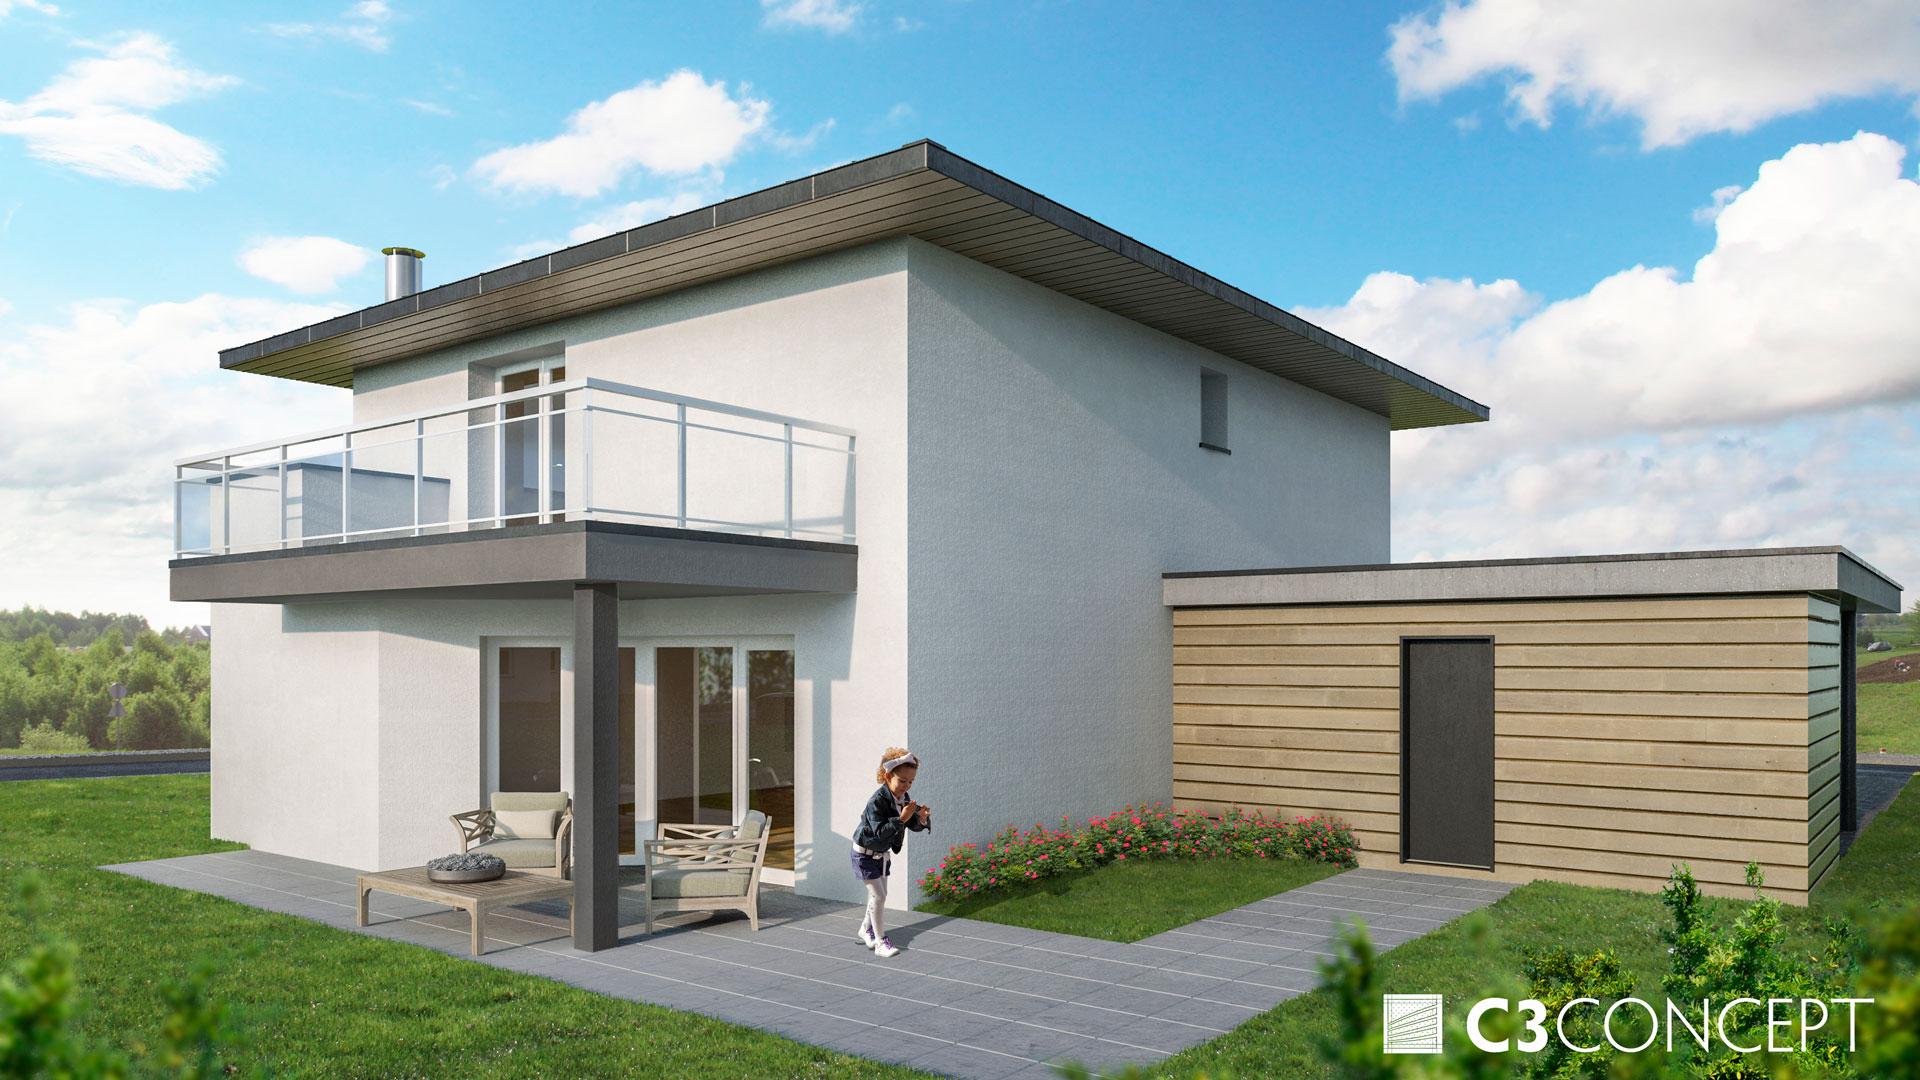 C3 Concept, visualisation 3D architecture à Bulle. Riaz extérieurs